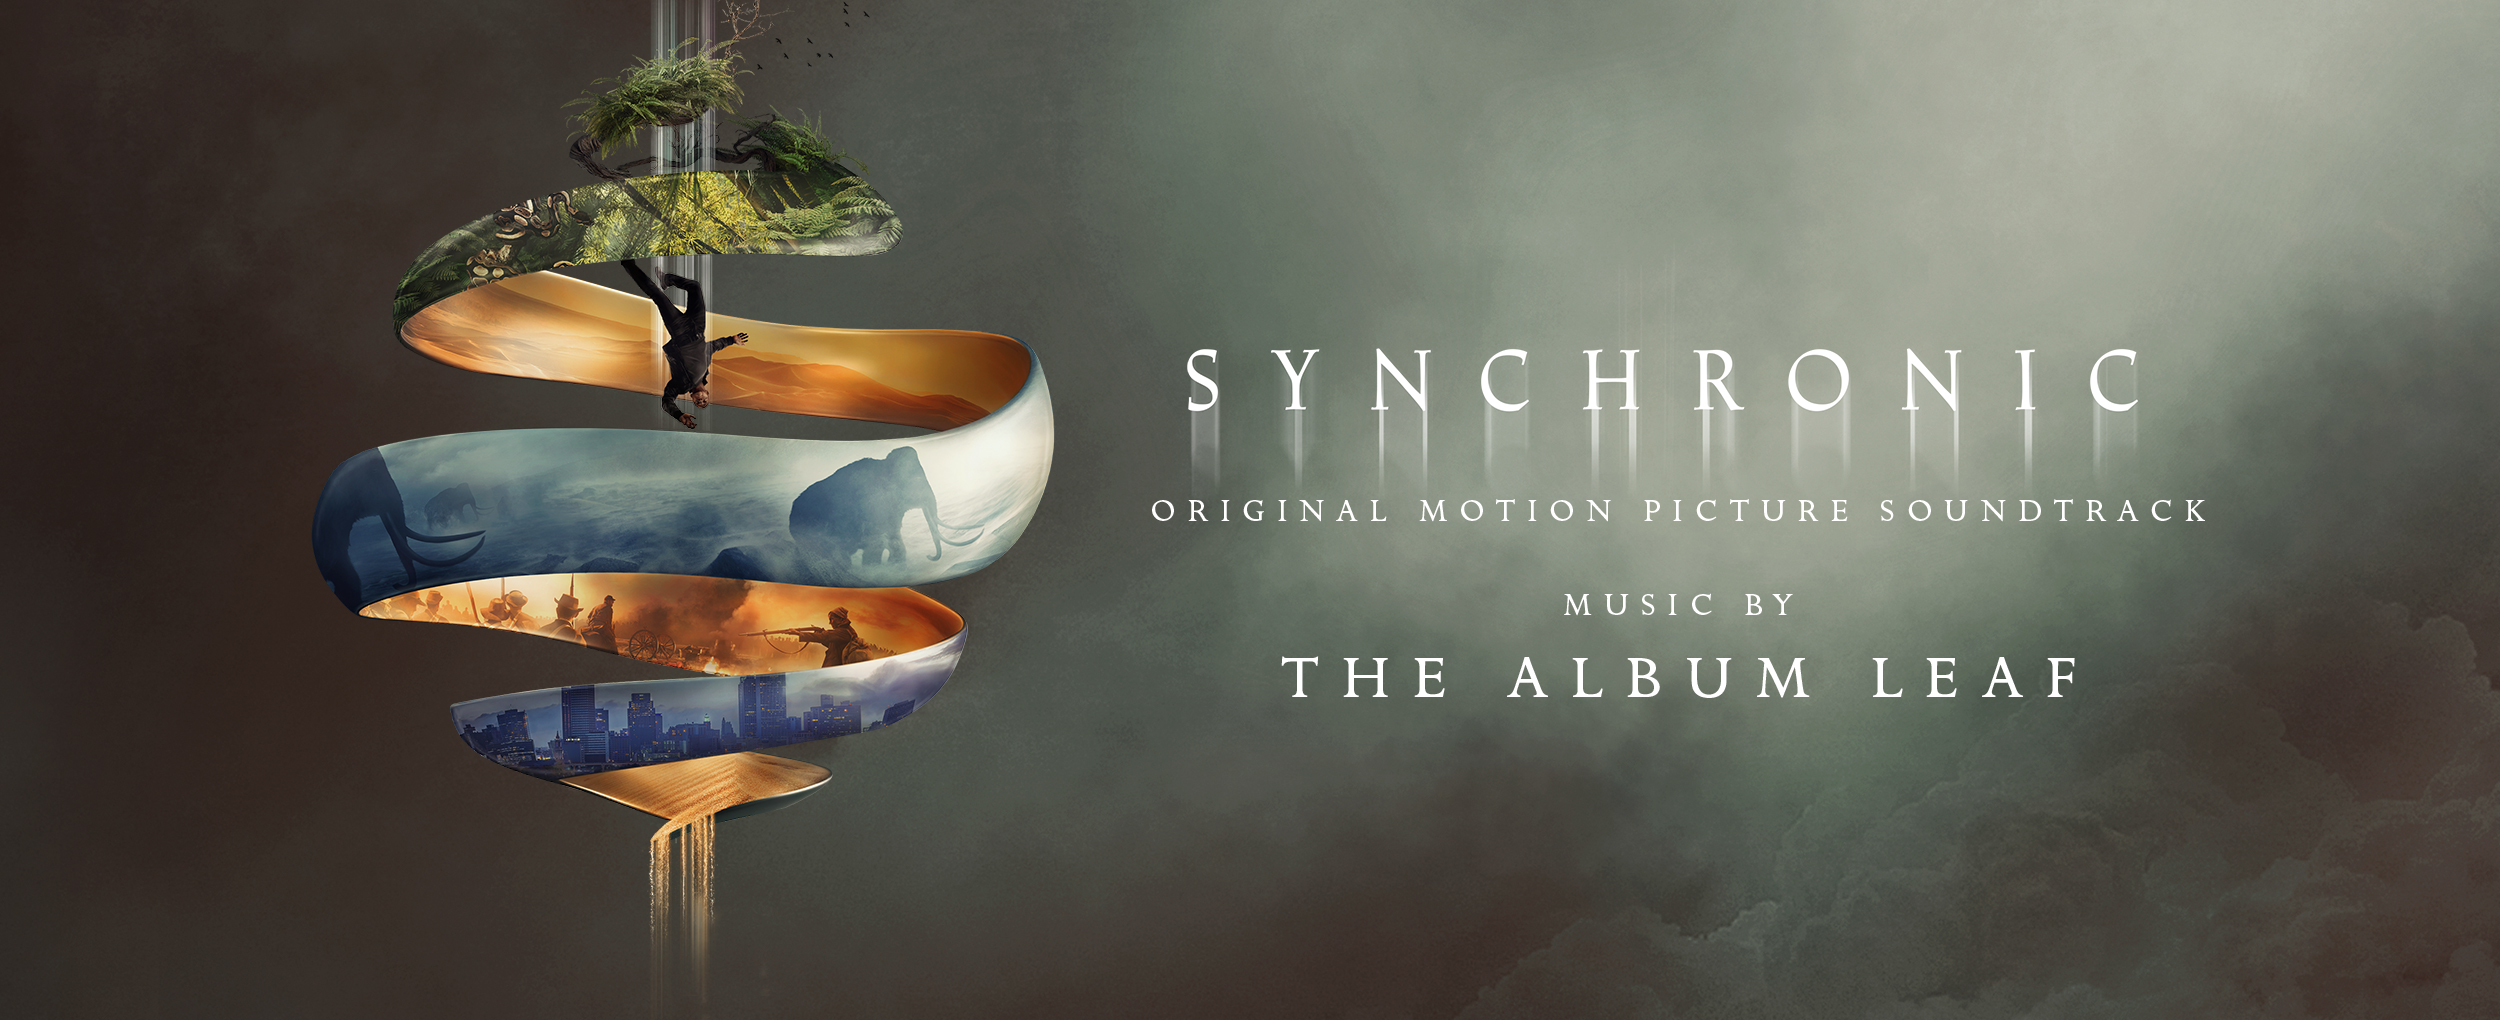 Synchronic - website banner